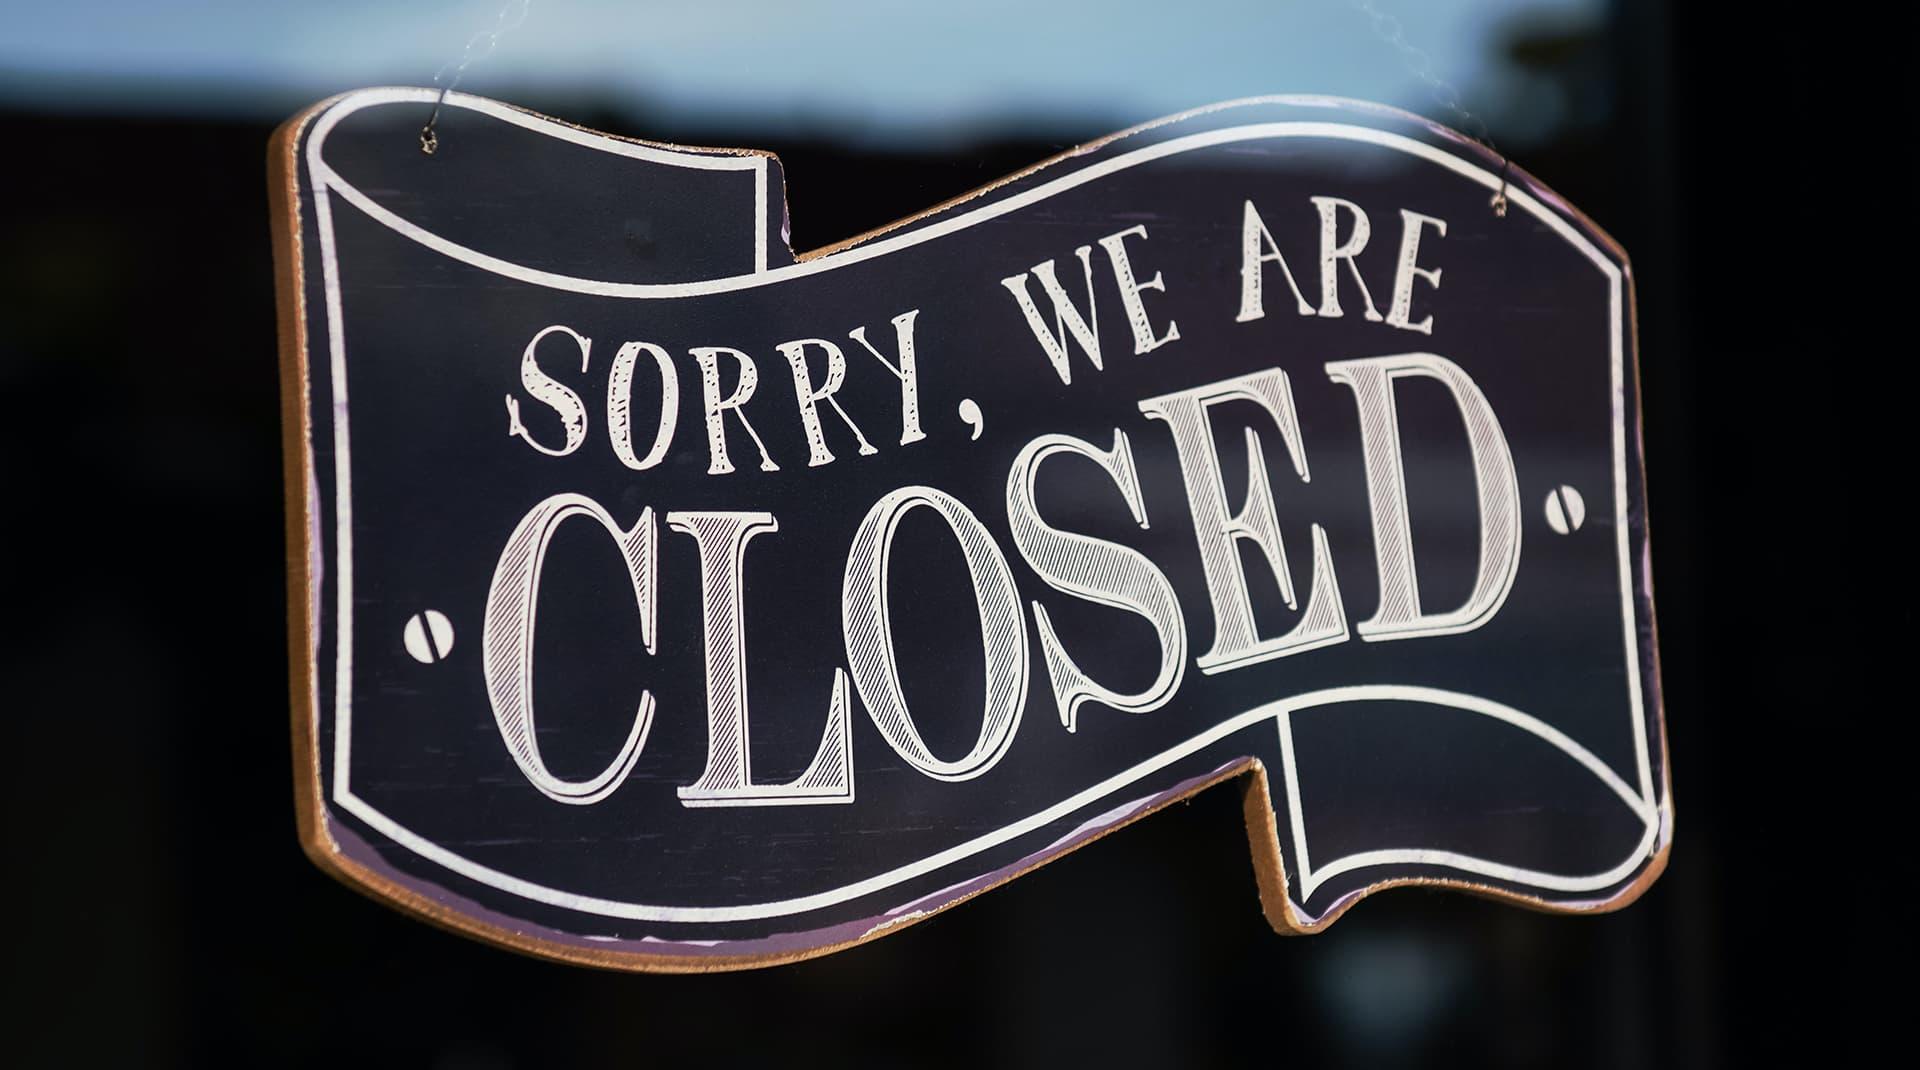 Заблокировали «Яндекс.Дзен»: причины, способы разблокировки, последствия – авторский кейс